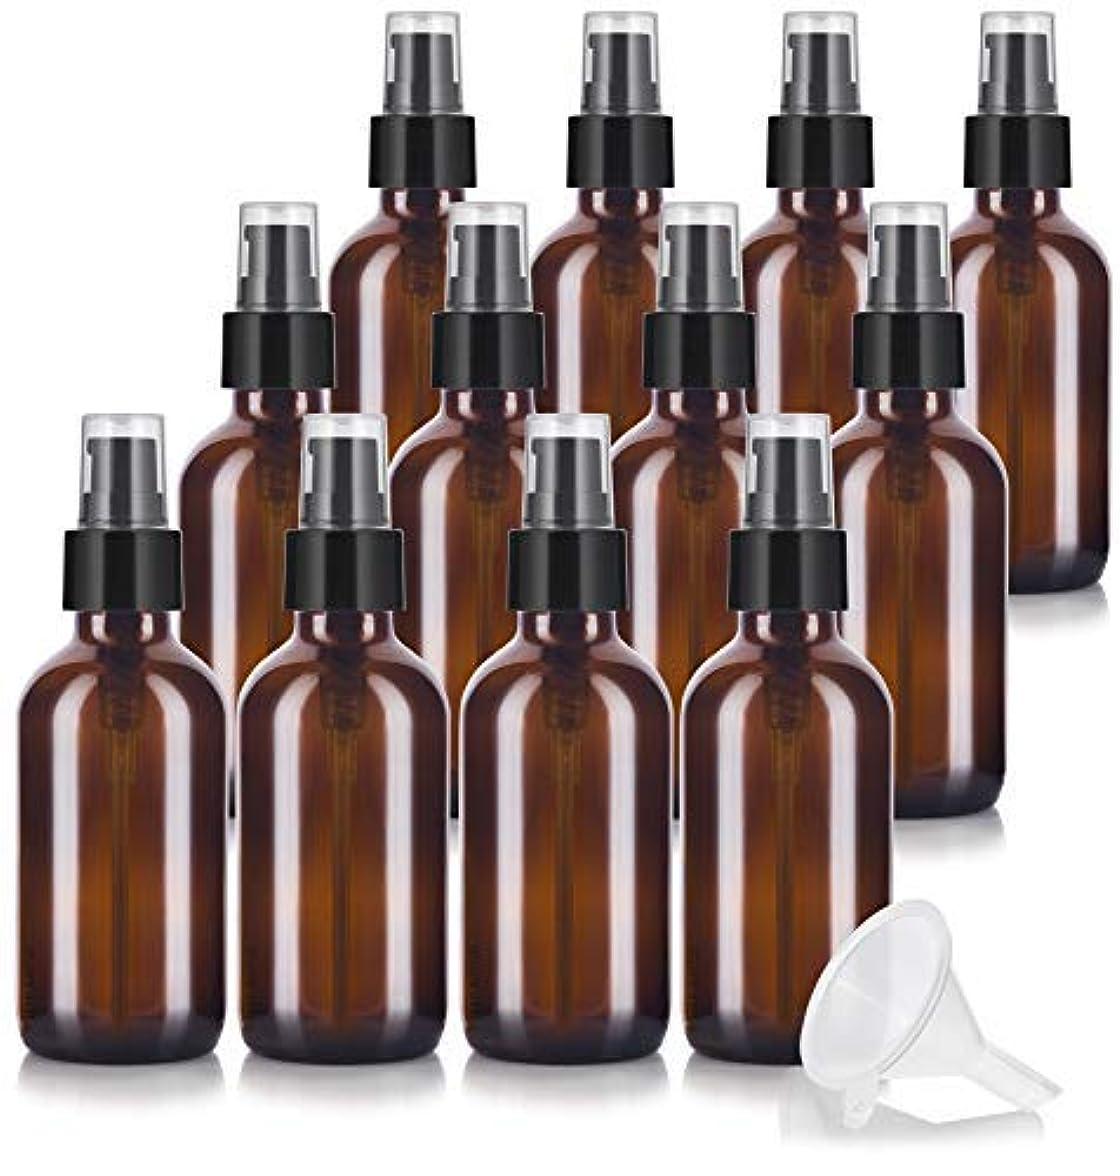 有益なアカデミック4 oz Amber Glass Boston Round Treatment Pump Bottle (12 pack) + Funnel and Labels for essential oils, aromatherapy...